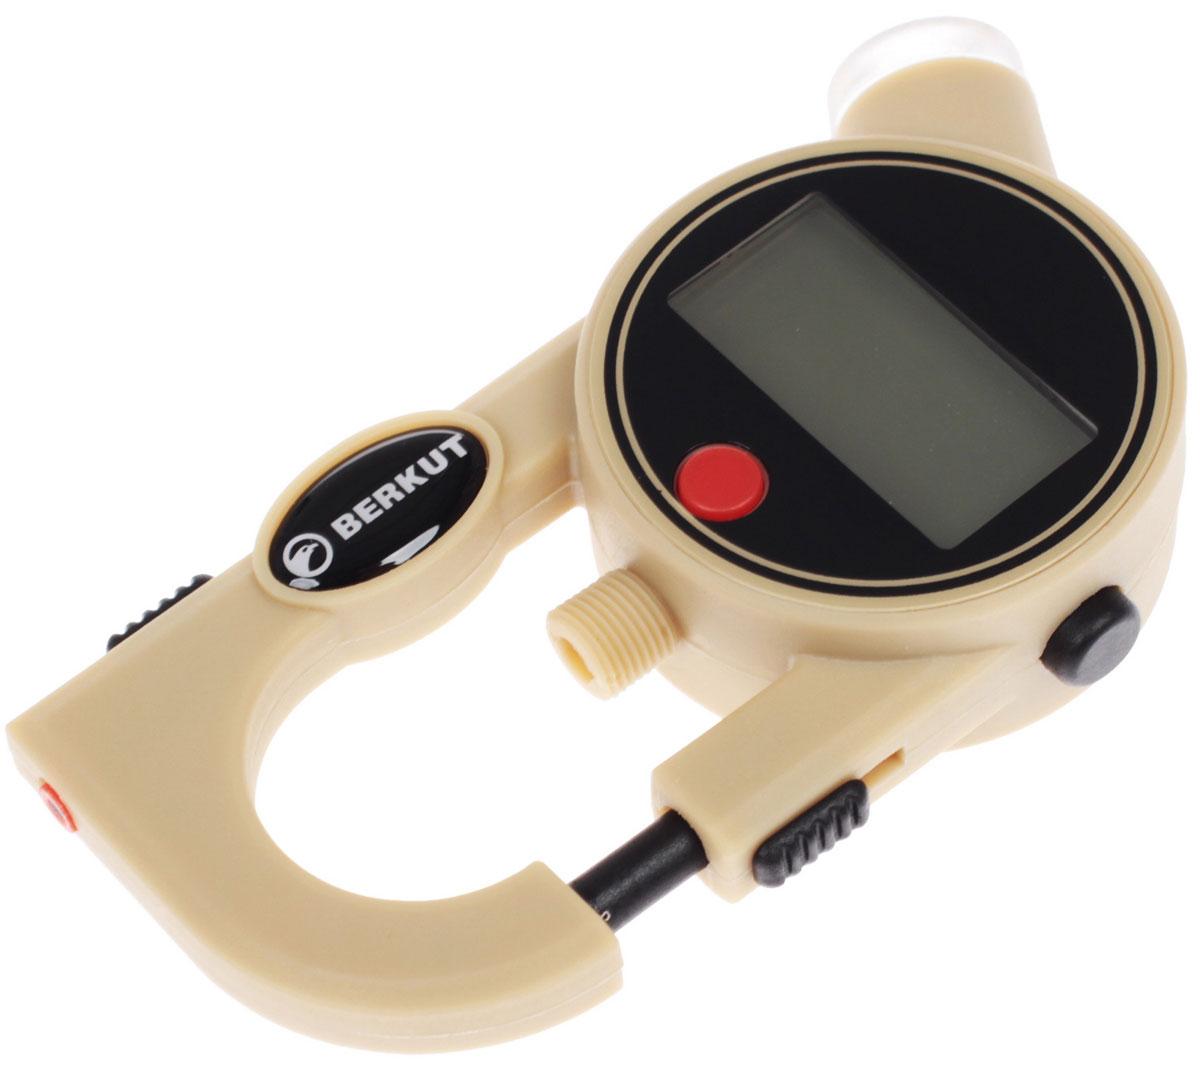 Манометр для авто Berkut Digital Pro цифровойDW25Электронный манометр для измерения давления в автомобильных шинах. Модель отличается улучшенной эргономикой, универсальностью и небольшой погрешностью измерения. Изделие имеет форму карабина, упрощая его хранение и использование. В корпус манометра интегрирован инструмент для замера глубины протектора шины, а также резьбовой штуцер для хранения колпачка ниппеля. ЖК-дисплей имеет увеличенный размер, снабжен яркой подсветкой, поэтому пользоваться устройством можно в темное время суток. Технические характеристики:- Диапазон измерений: 2,00-99,50 PSI (фунт/кв. дюйм)0,15-7,00 BAR (Бар=Атм)15-700 KPA (кПа)- Погрешность прибора: ± 1%- Диапазон рабочих температур: от -10°С до +50°С- Эл. питания: 2 x 3V (тип CR2016L), либо аналоги